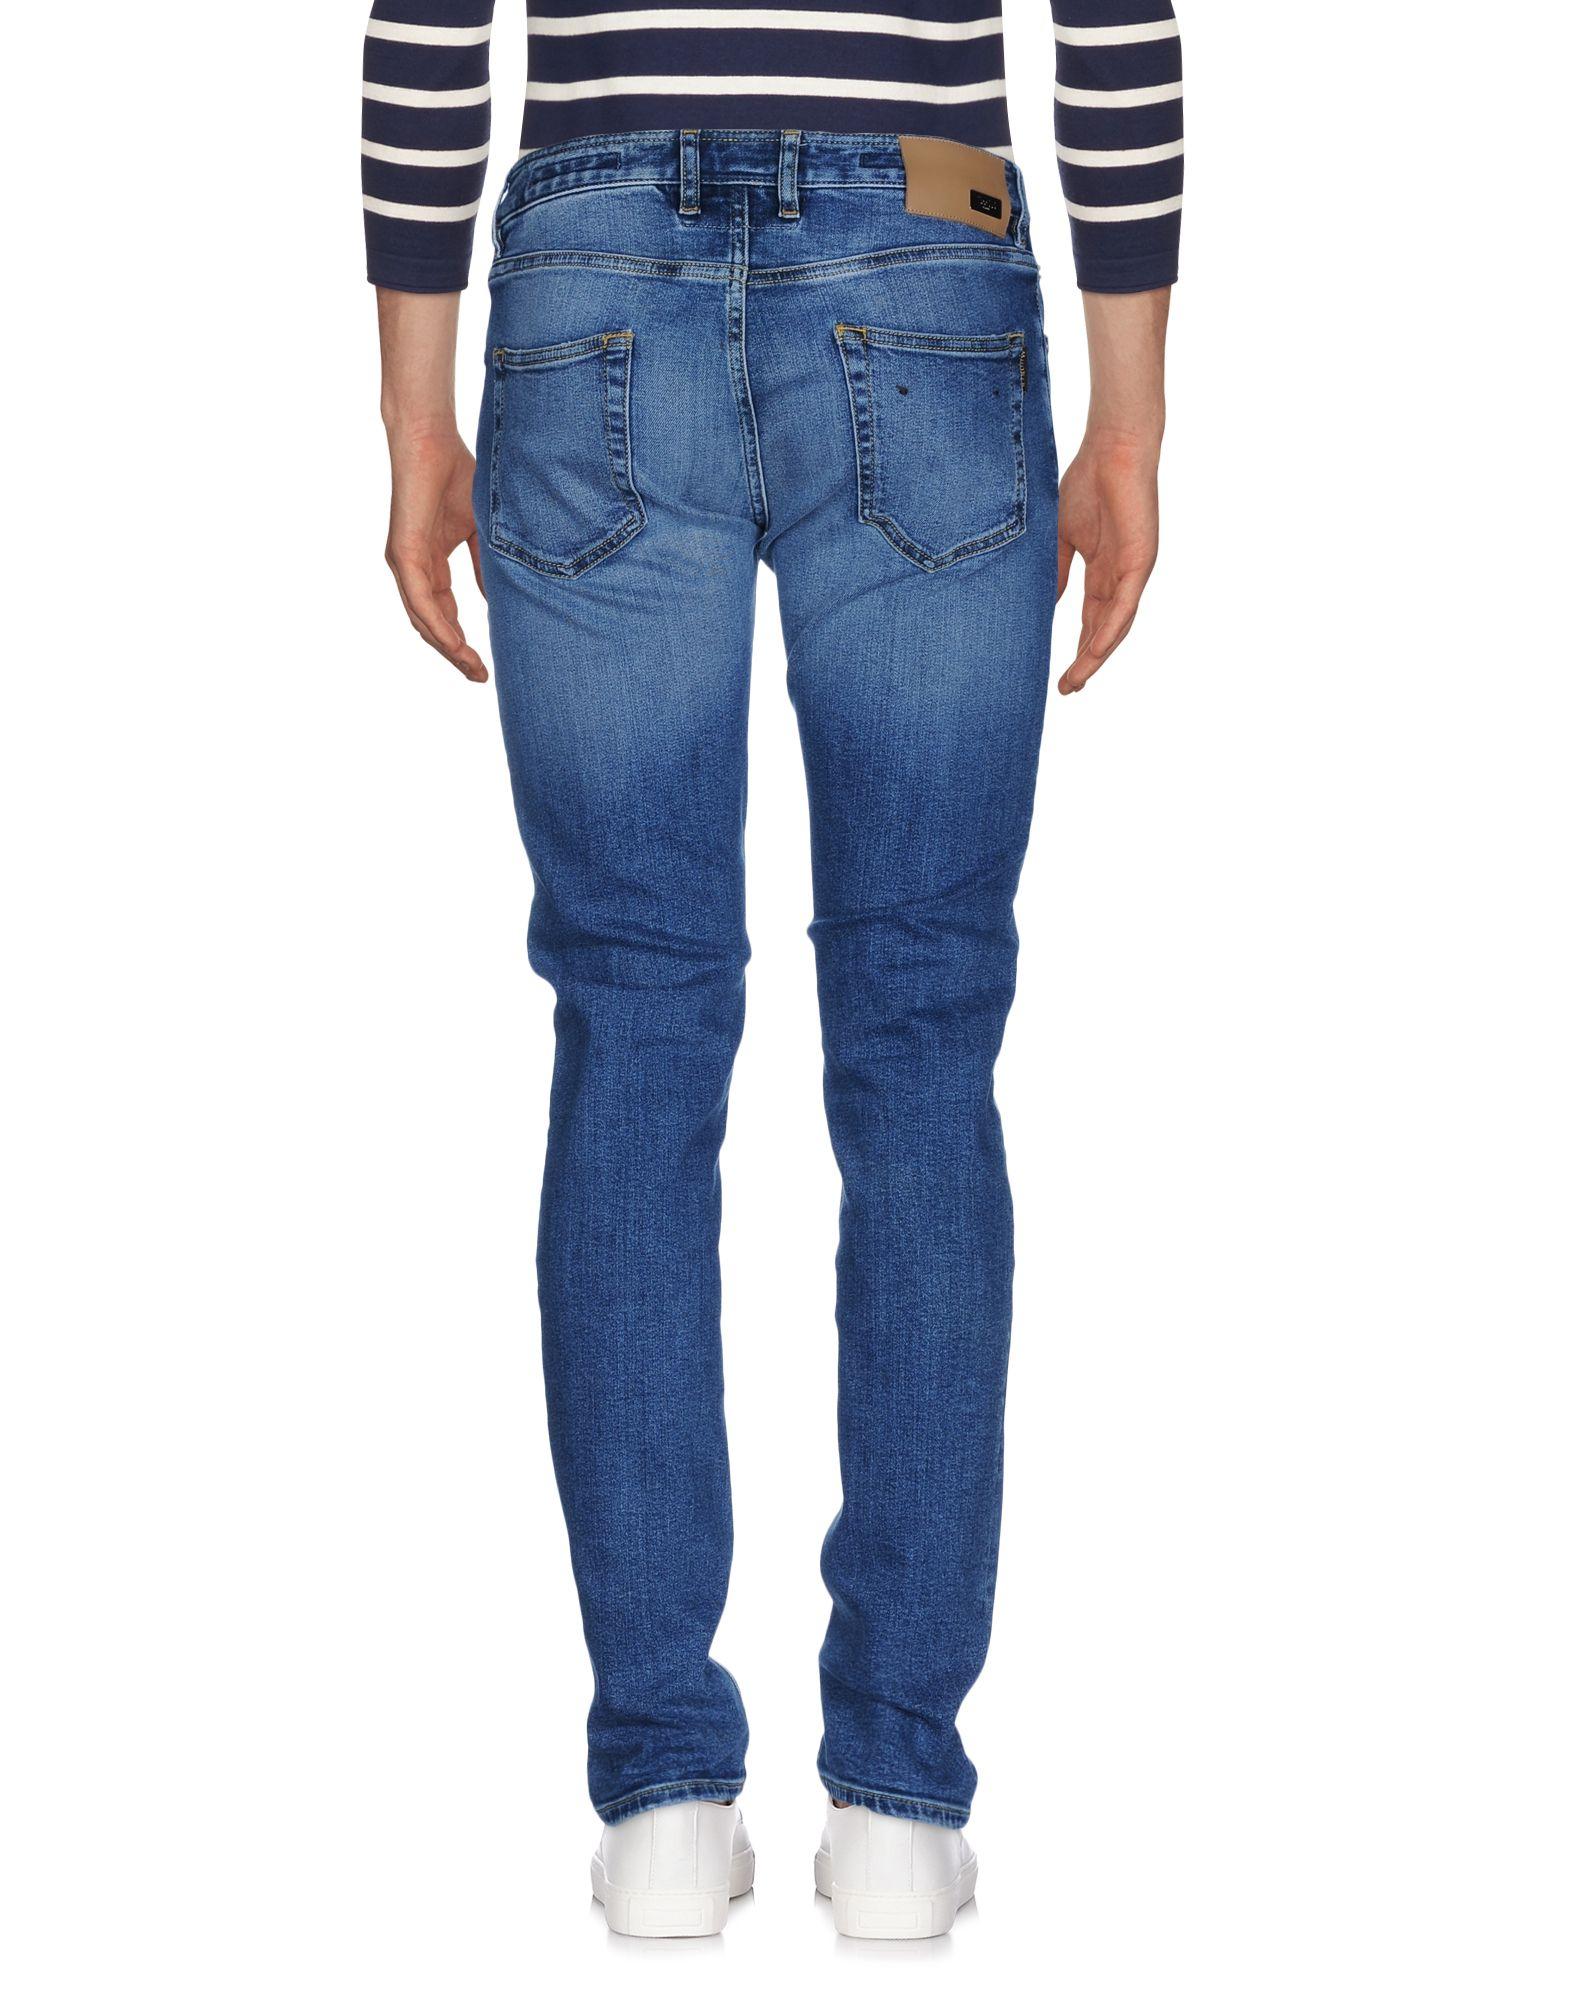 Pantaloni - Jeans Moorer Uomo - Pantaloni 42626310BN 4ea88a